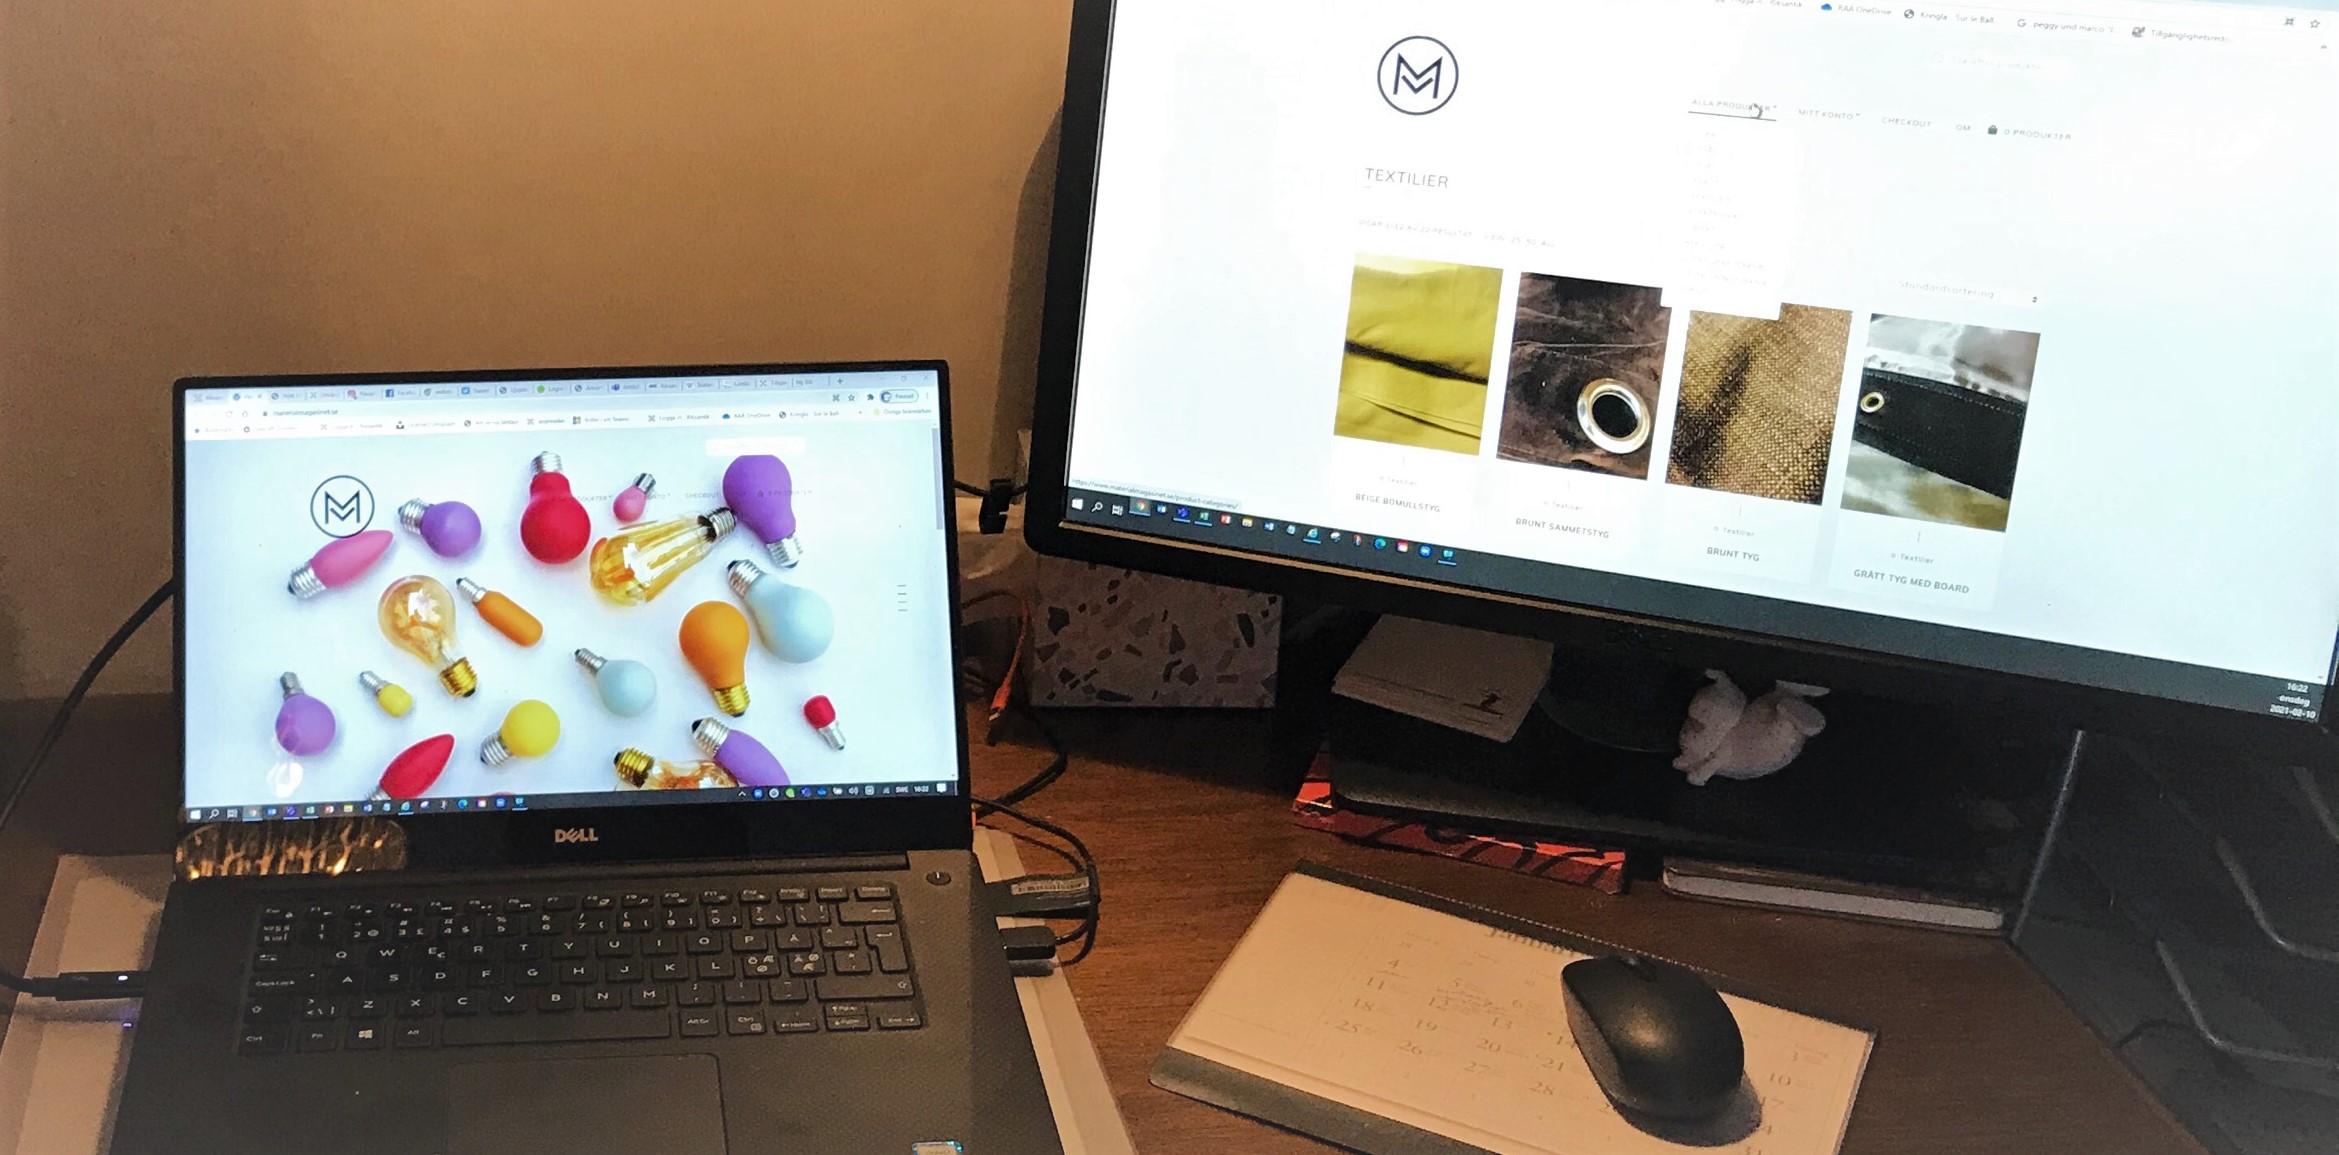 En liten laptop och en vanlig datorskärm. På den lilla syns fler aolika modeller av glödlampor i olika färger.